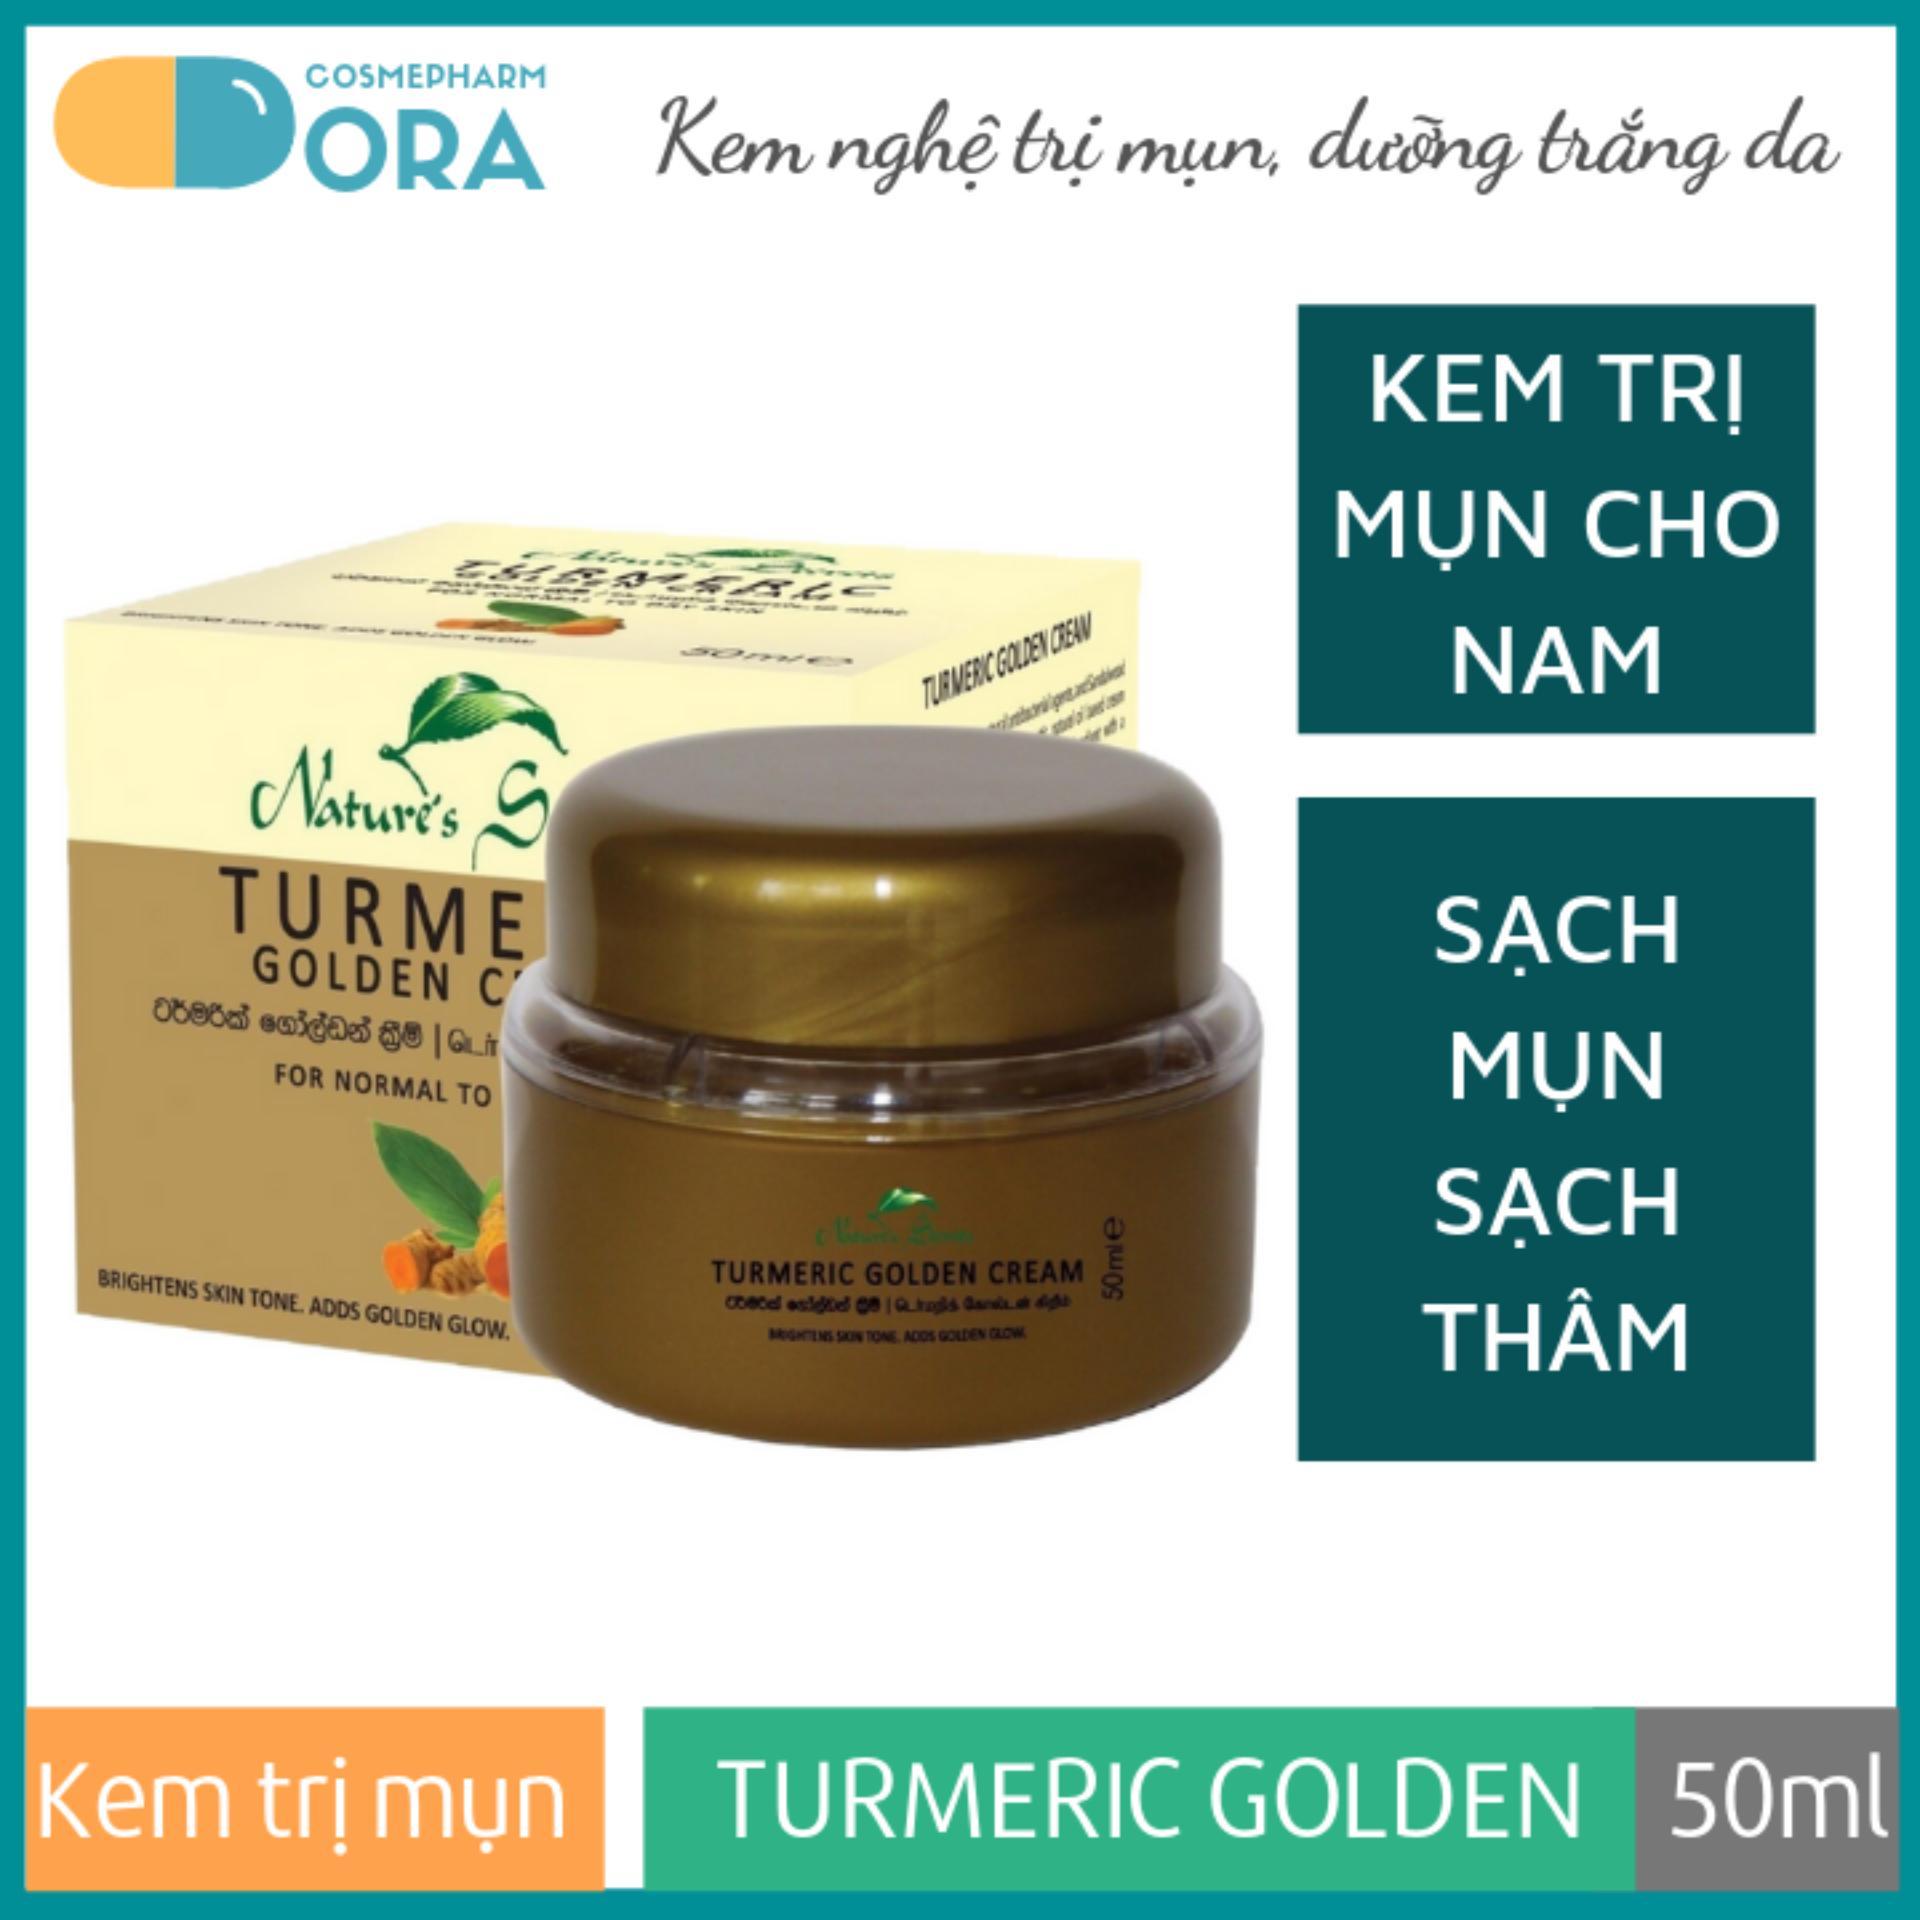 Kem nghệ ngừa mụn thâm và dưỡng trắng da cho nam Turmeric Golden Cream 50ml tốt nhất